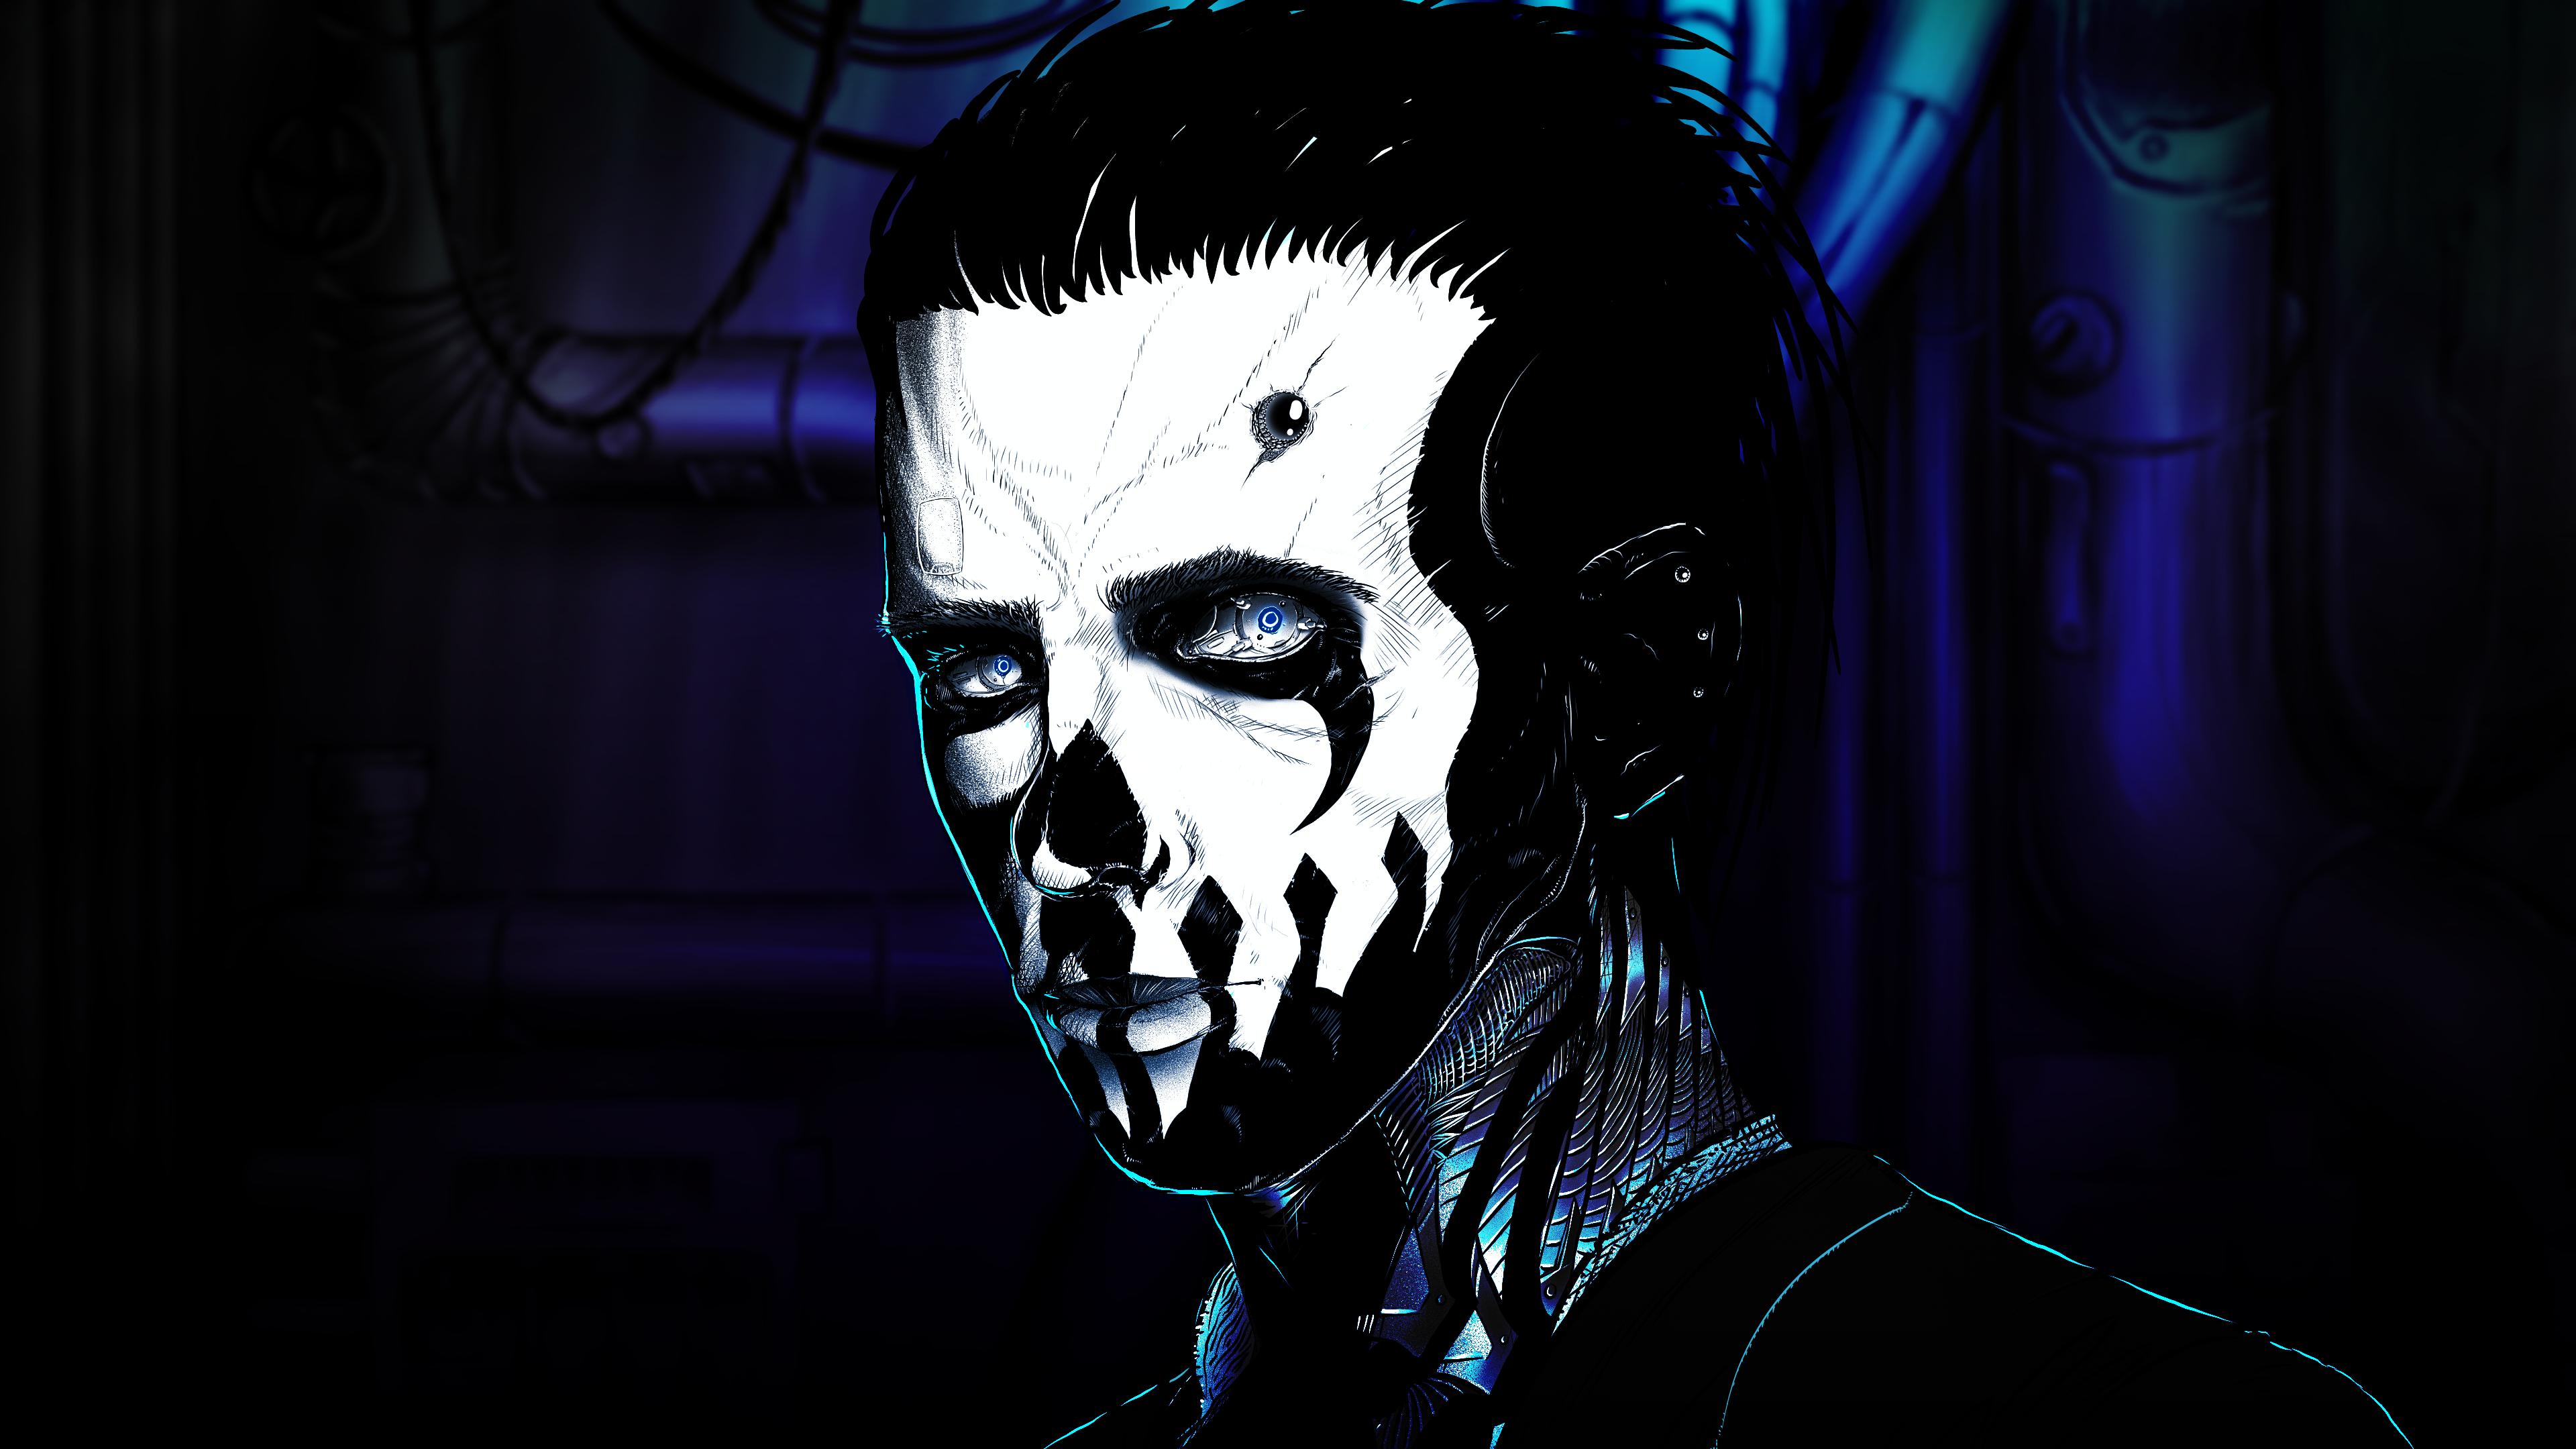 Self Portrait (Sci-Fi Edit)